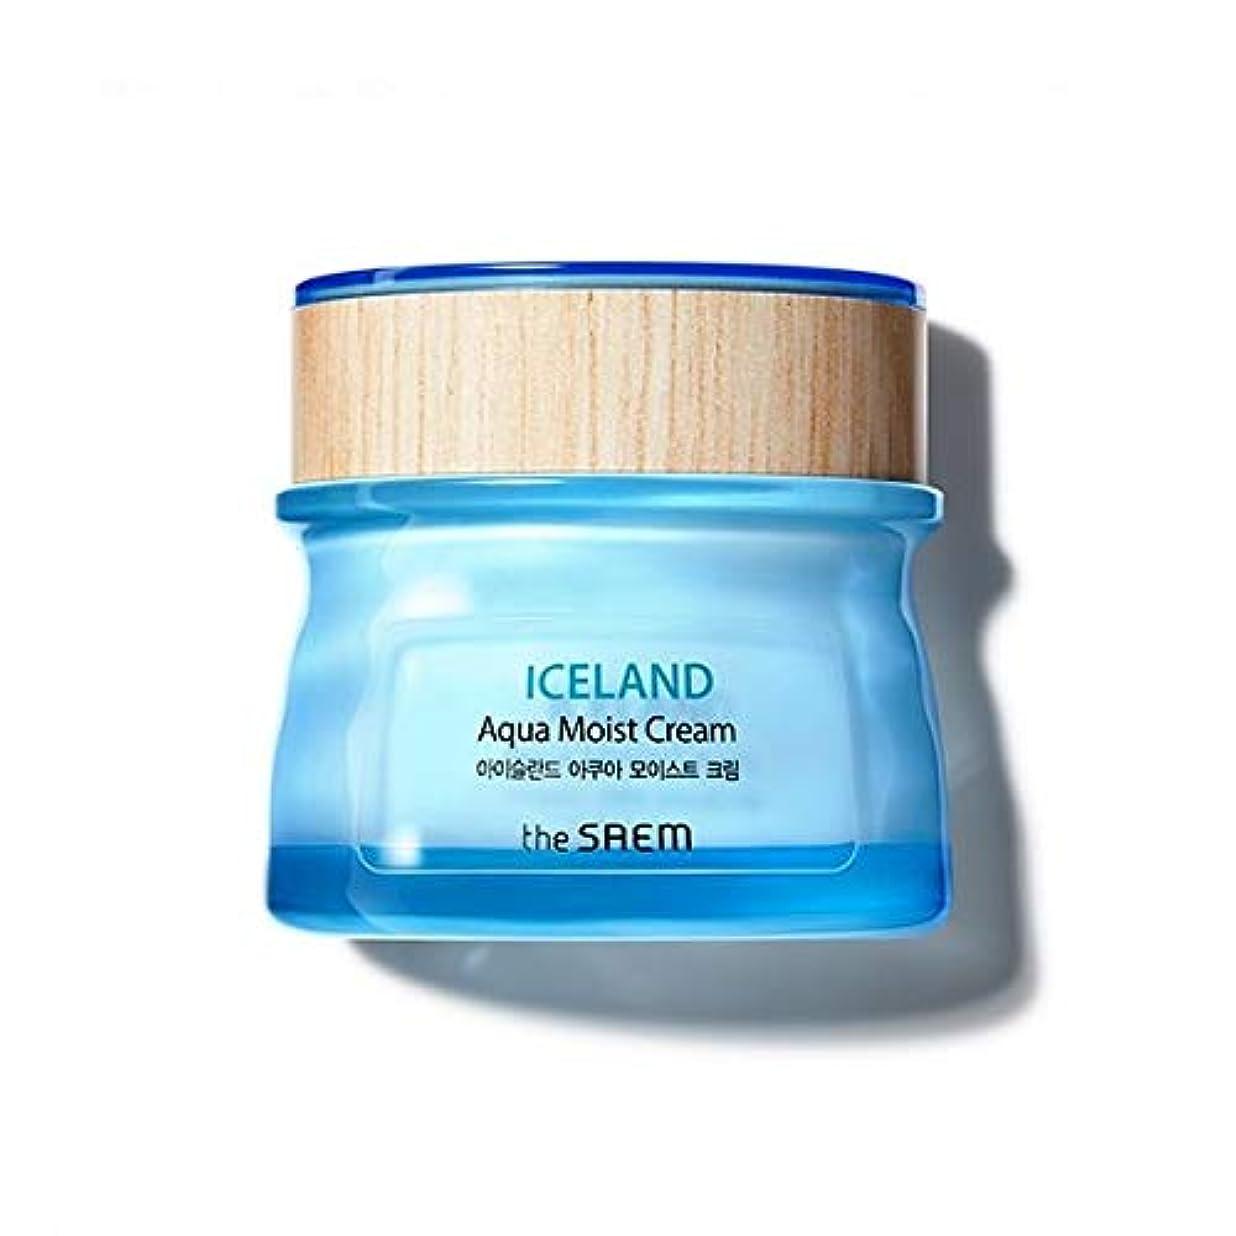 気配りのあるやさしくスカイThe saem Iceland Apua Moist Cream ザセム アイスランド アクア モイスト クリーム 60ml [並行輸入品]